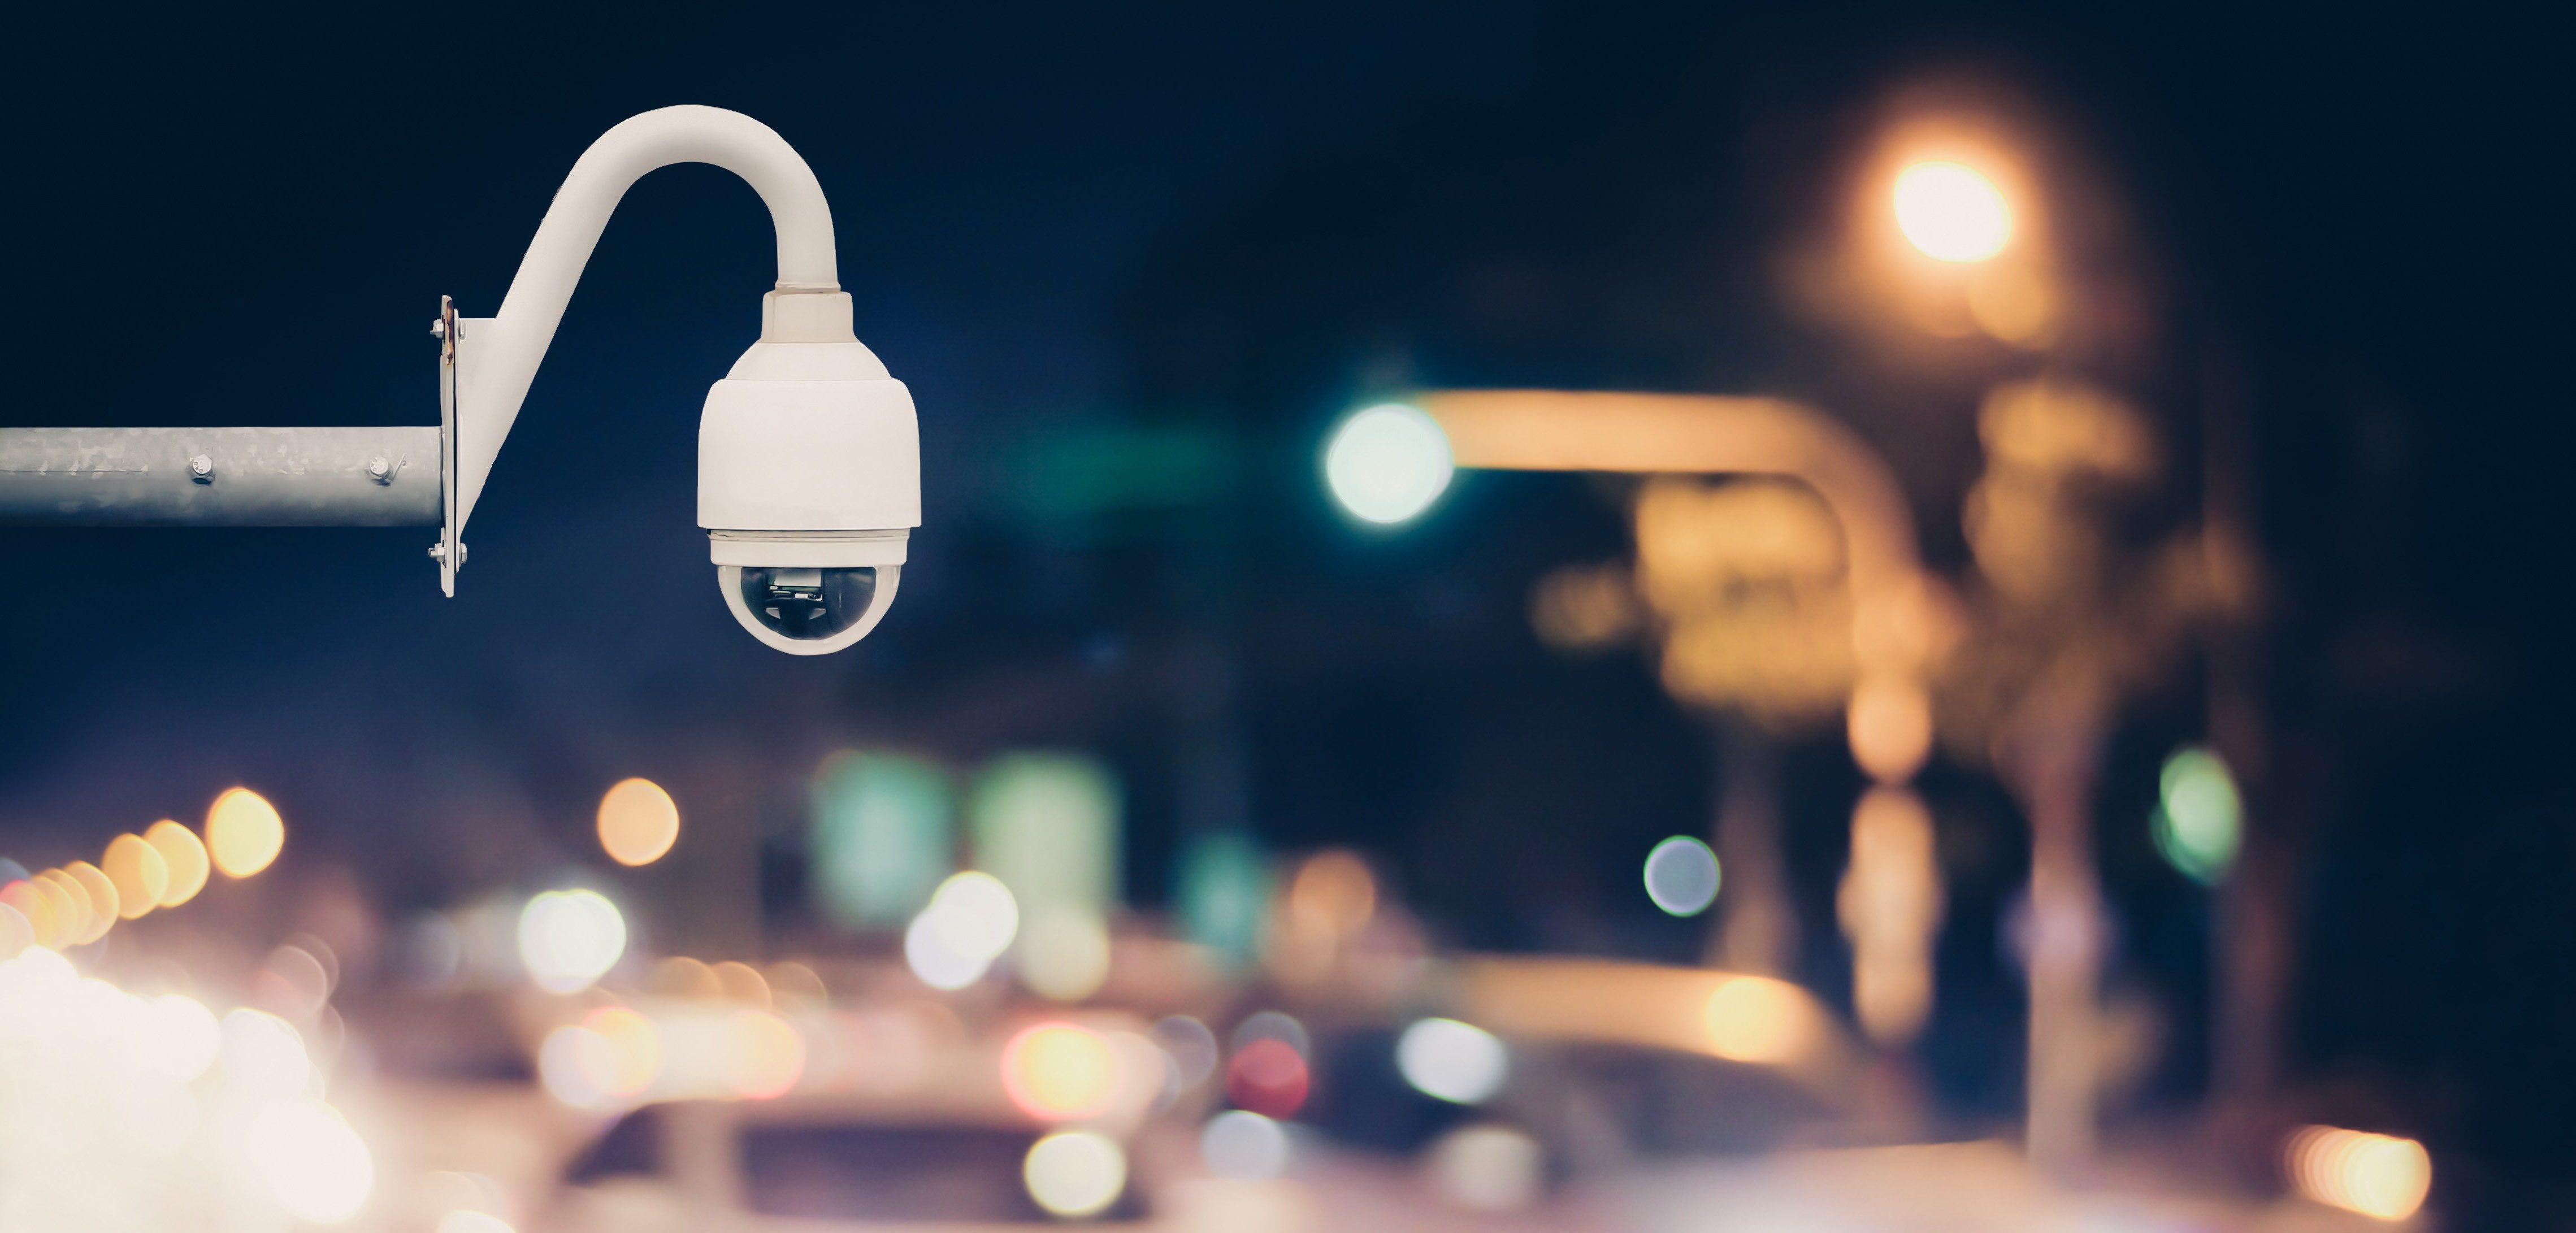 Nouvelles technologies : le grand défi des entreprises de sécurité privée — RNMPS